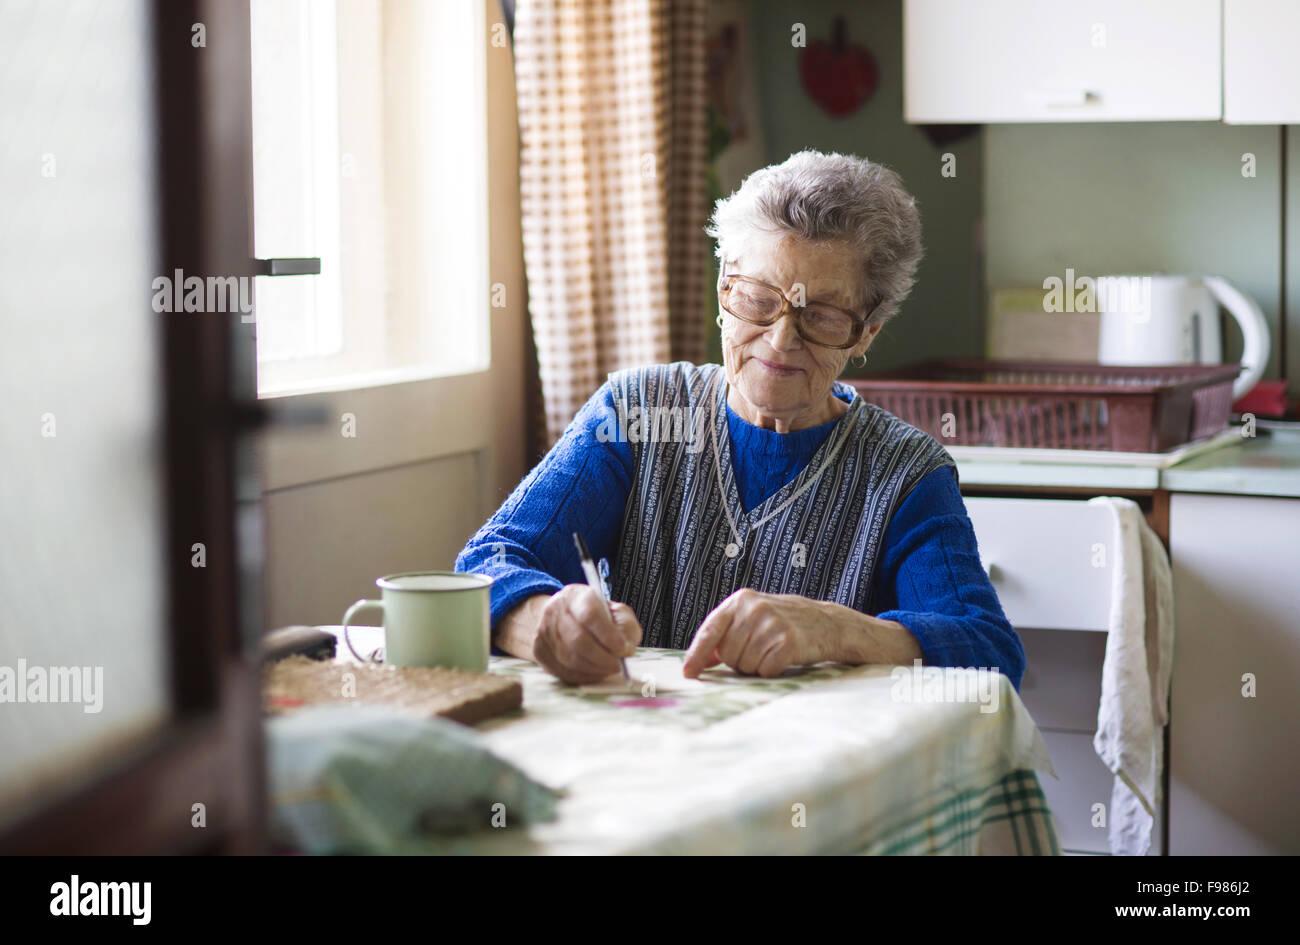 Vecchia donna è seduto nel suo stile country kitchen Immagini Stock